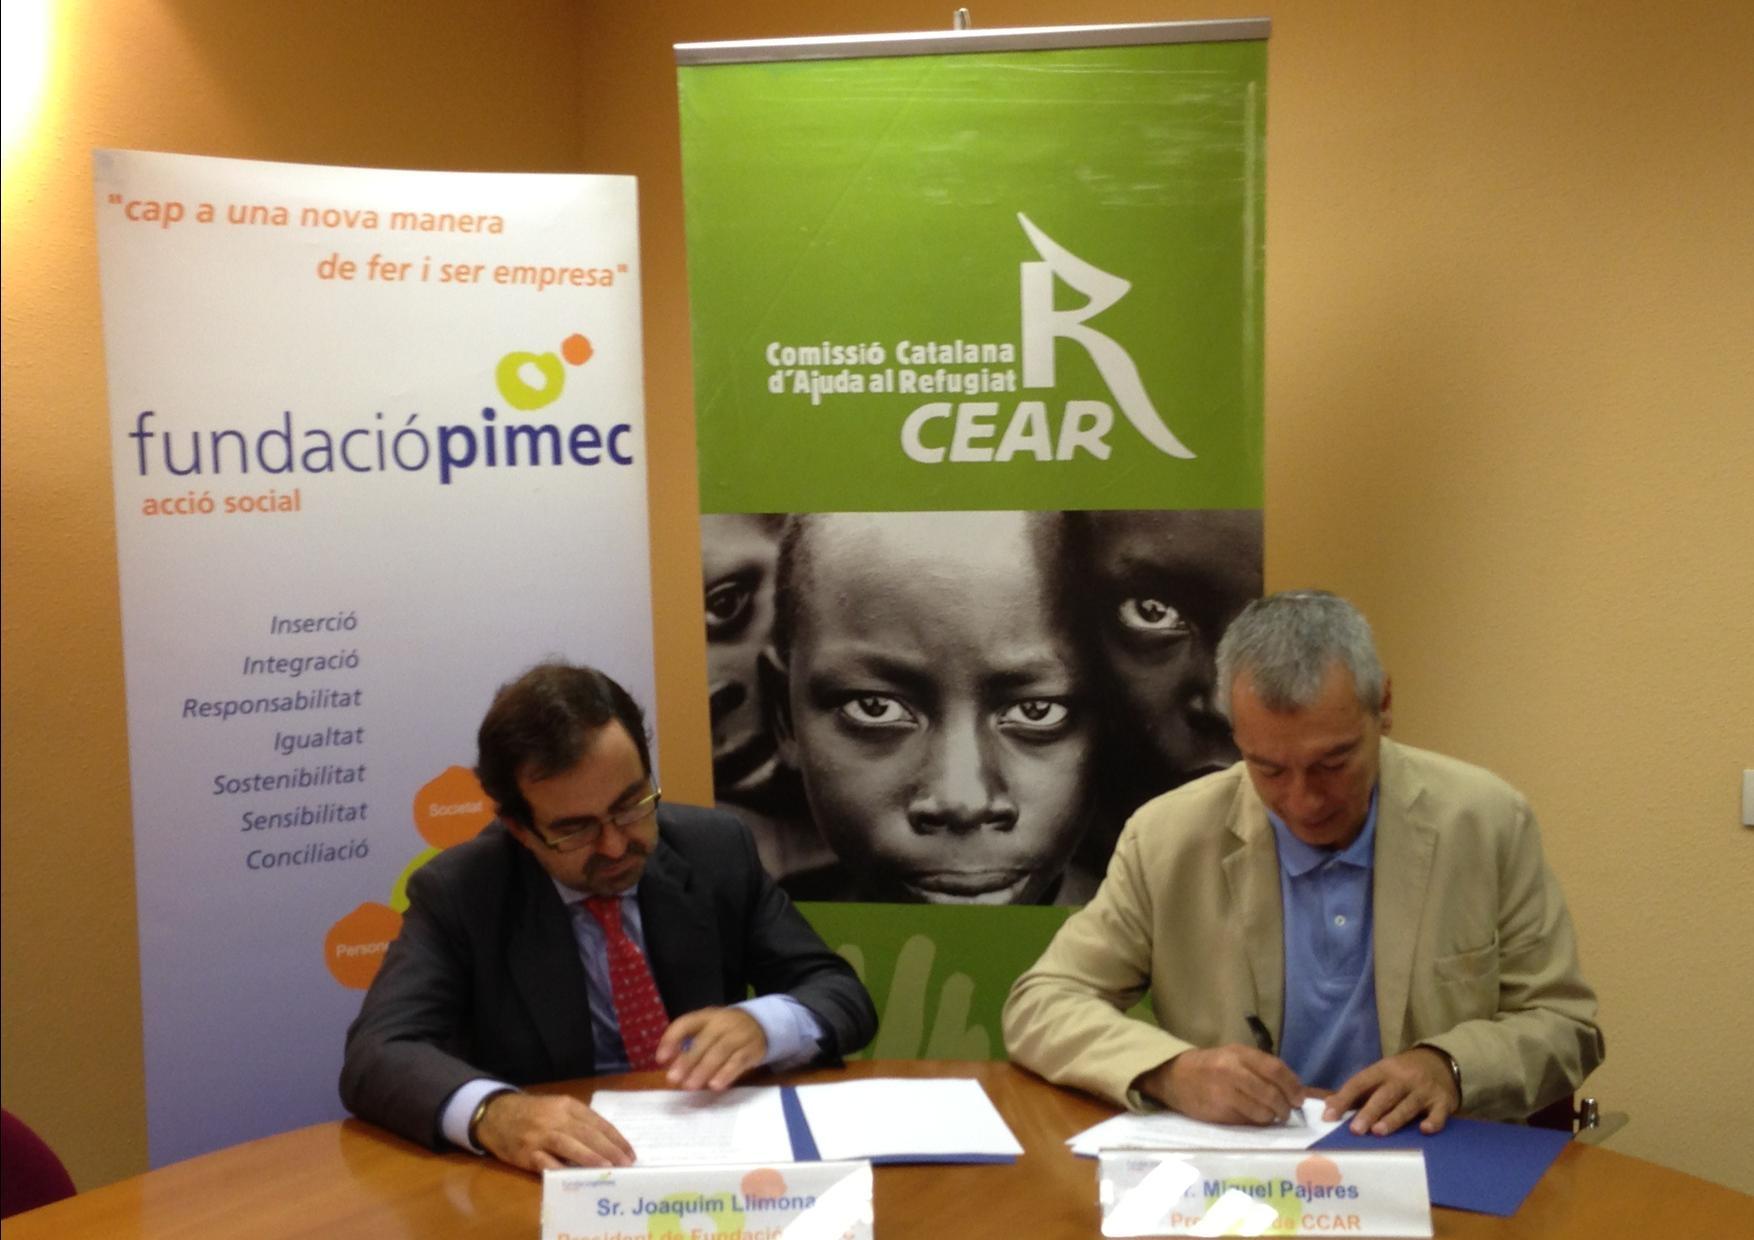 La Comissió Catalana D'Ajuda Al Refugiat I La Fundació PIMEC Signen Un Acord De Col·laboració